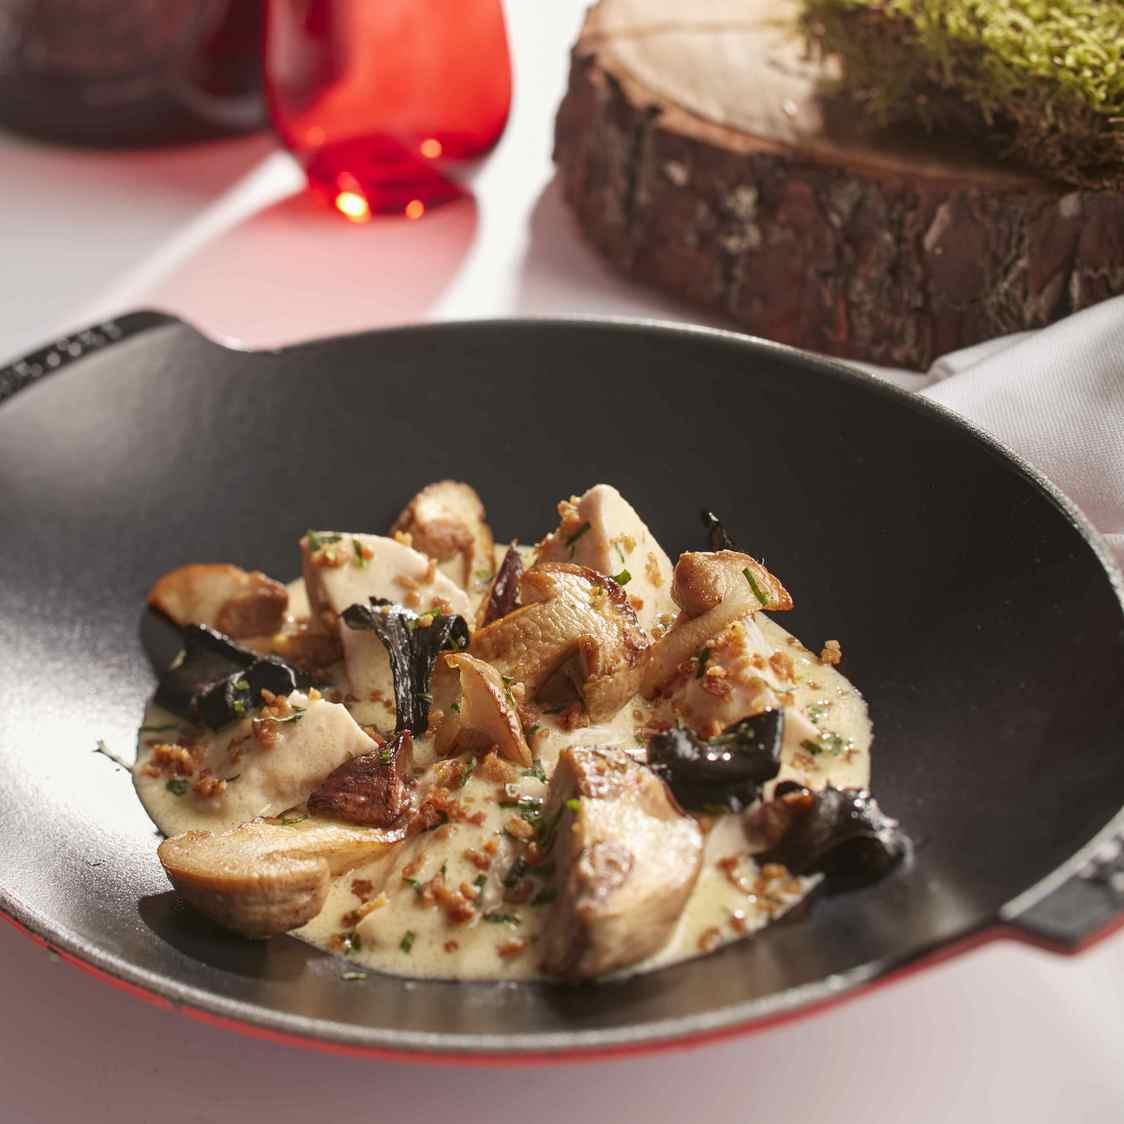 Blanquette de ris de veau au cidre basque, champignon et grattons à l'estragon - copie